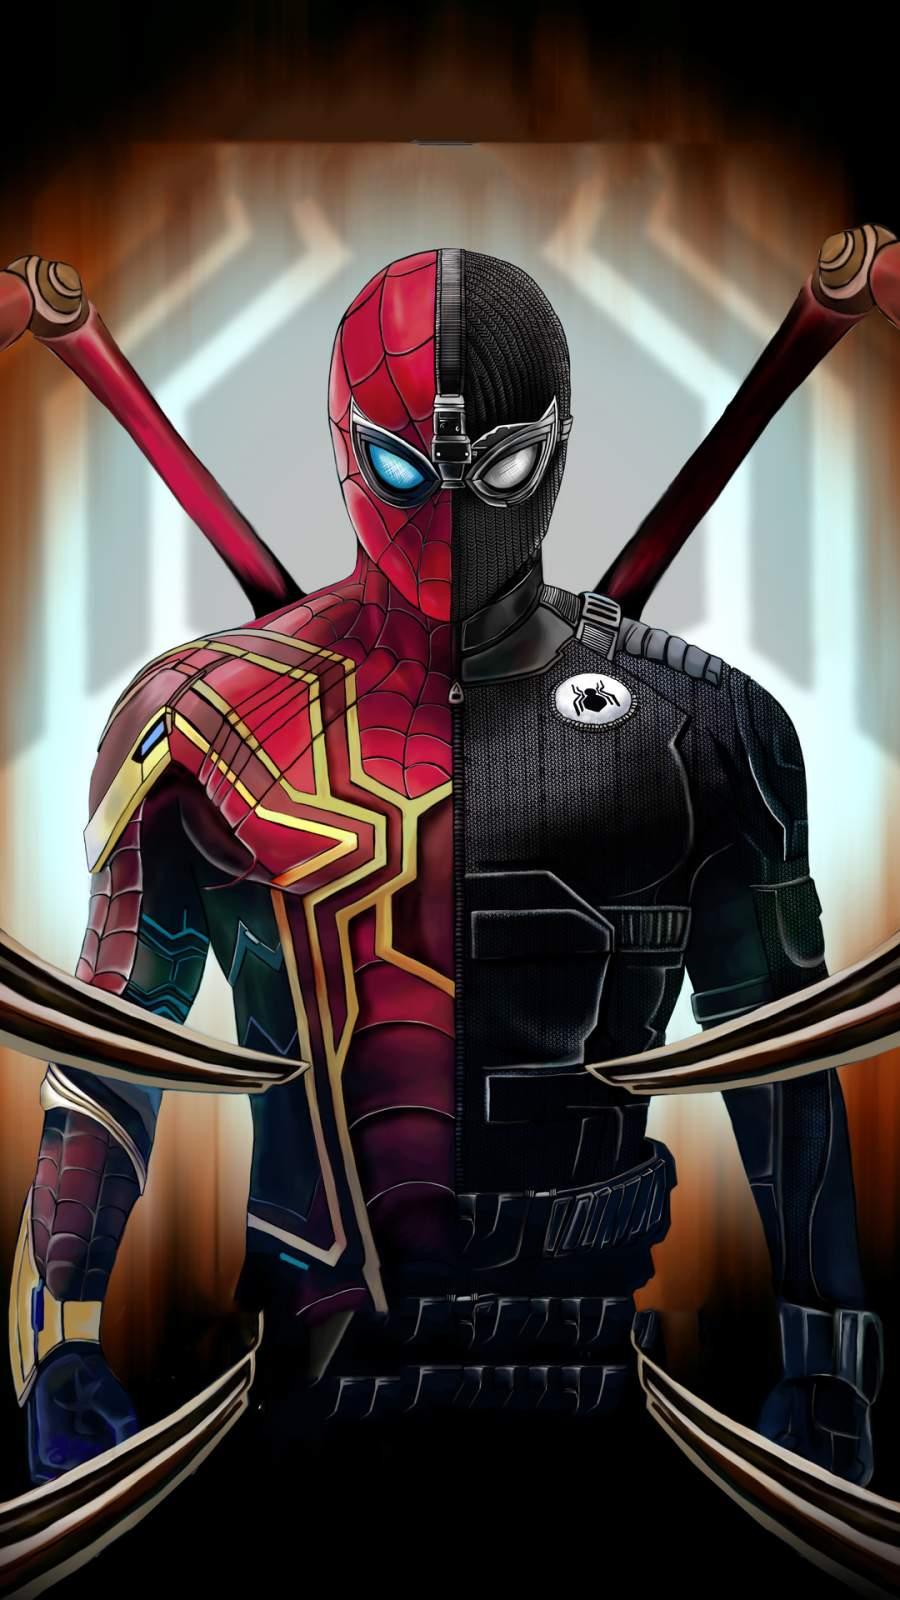 Spiderman Suit iPhone Wallpaper